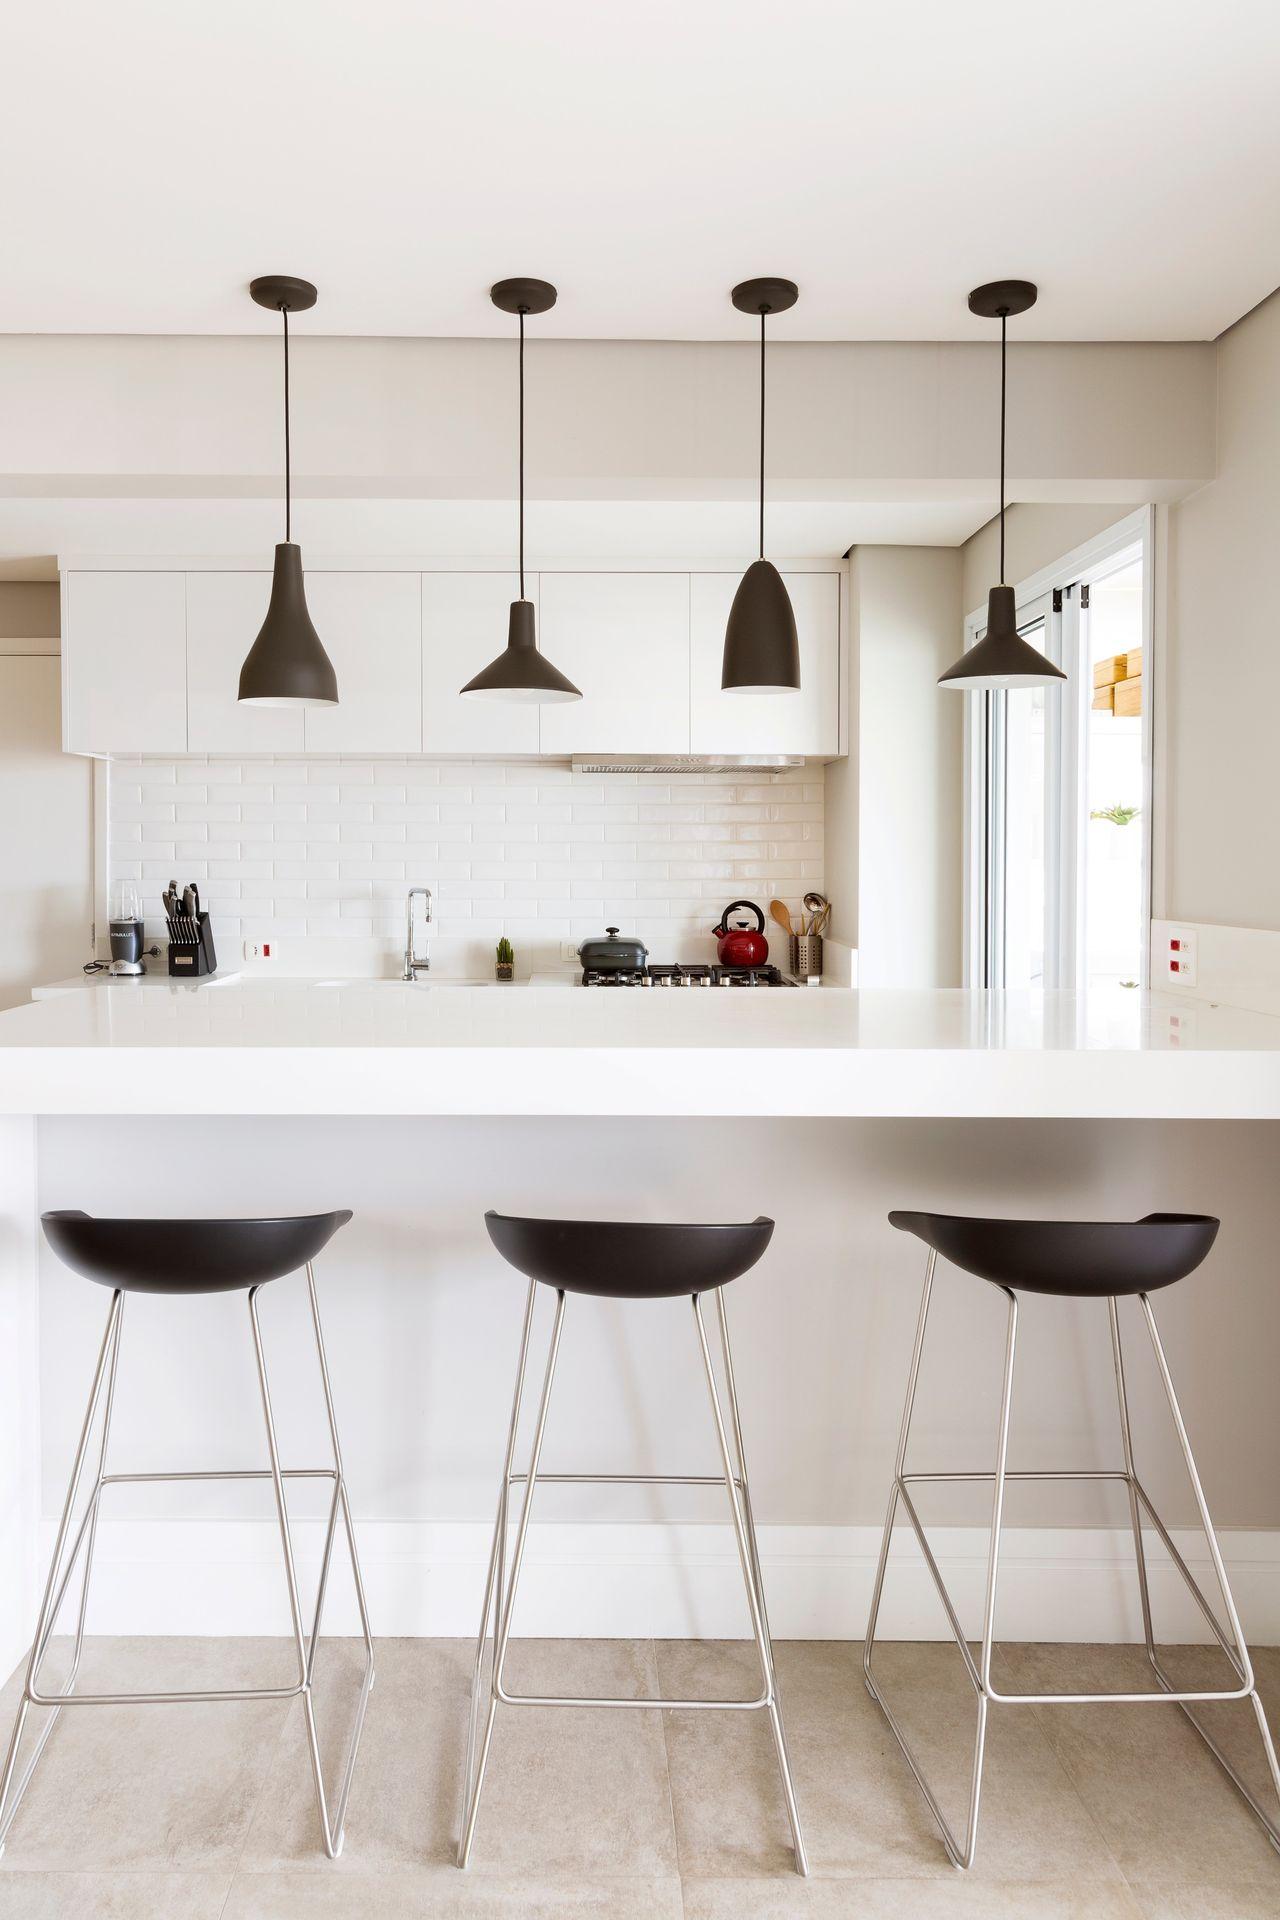 Cozinha Branca Com Banquetas E Pendentes Pretos De Gf Projetos